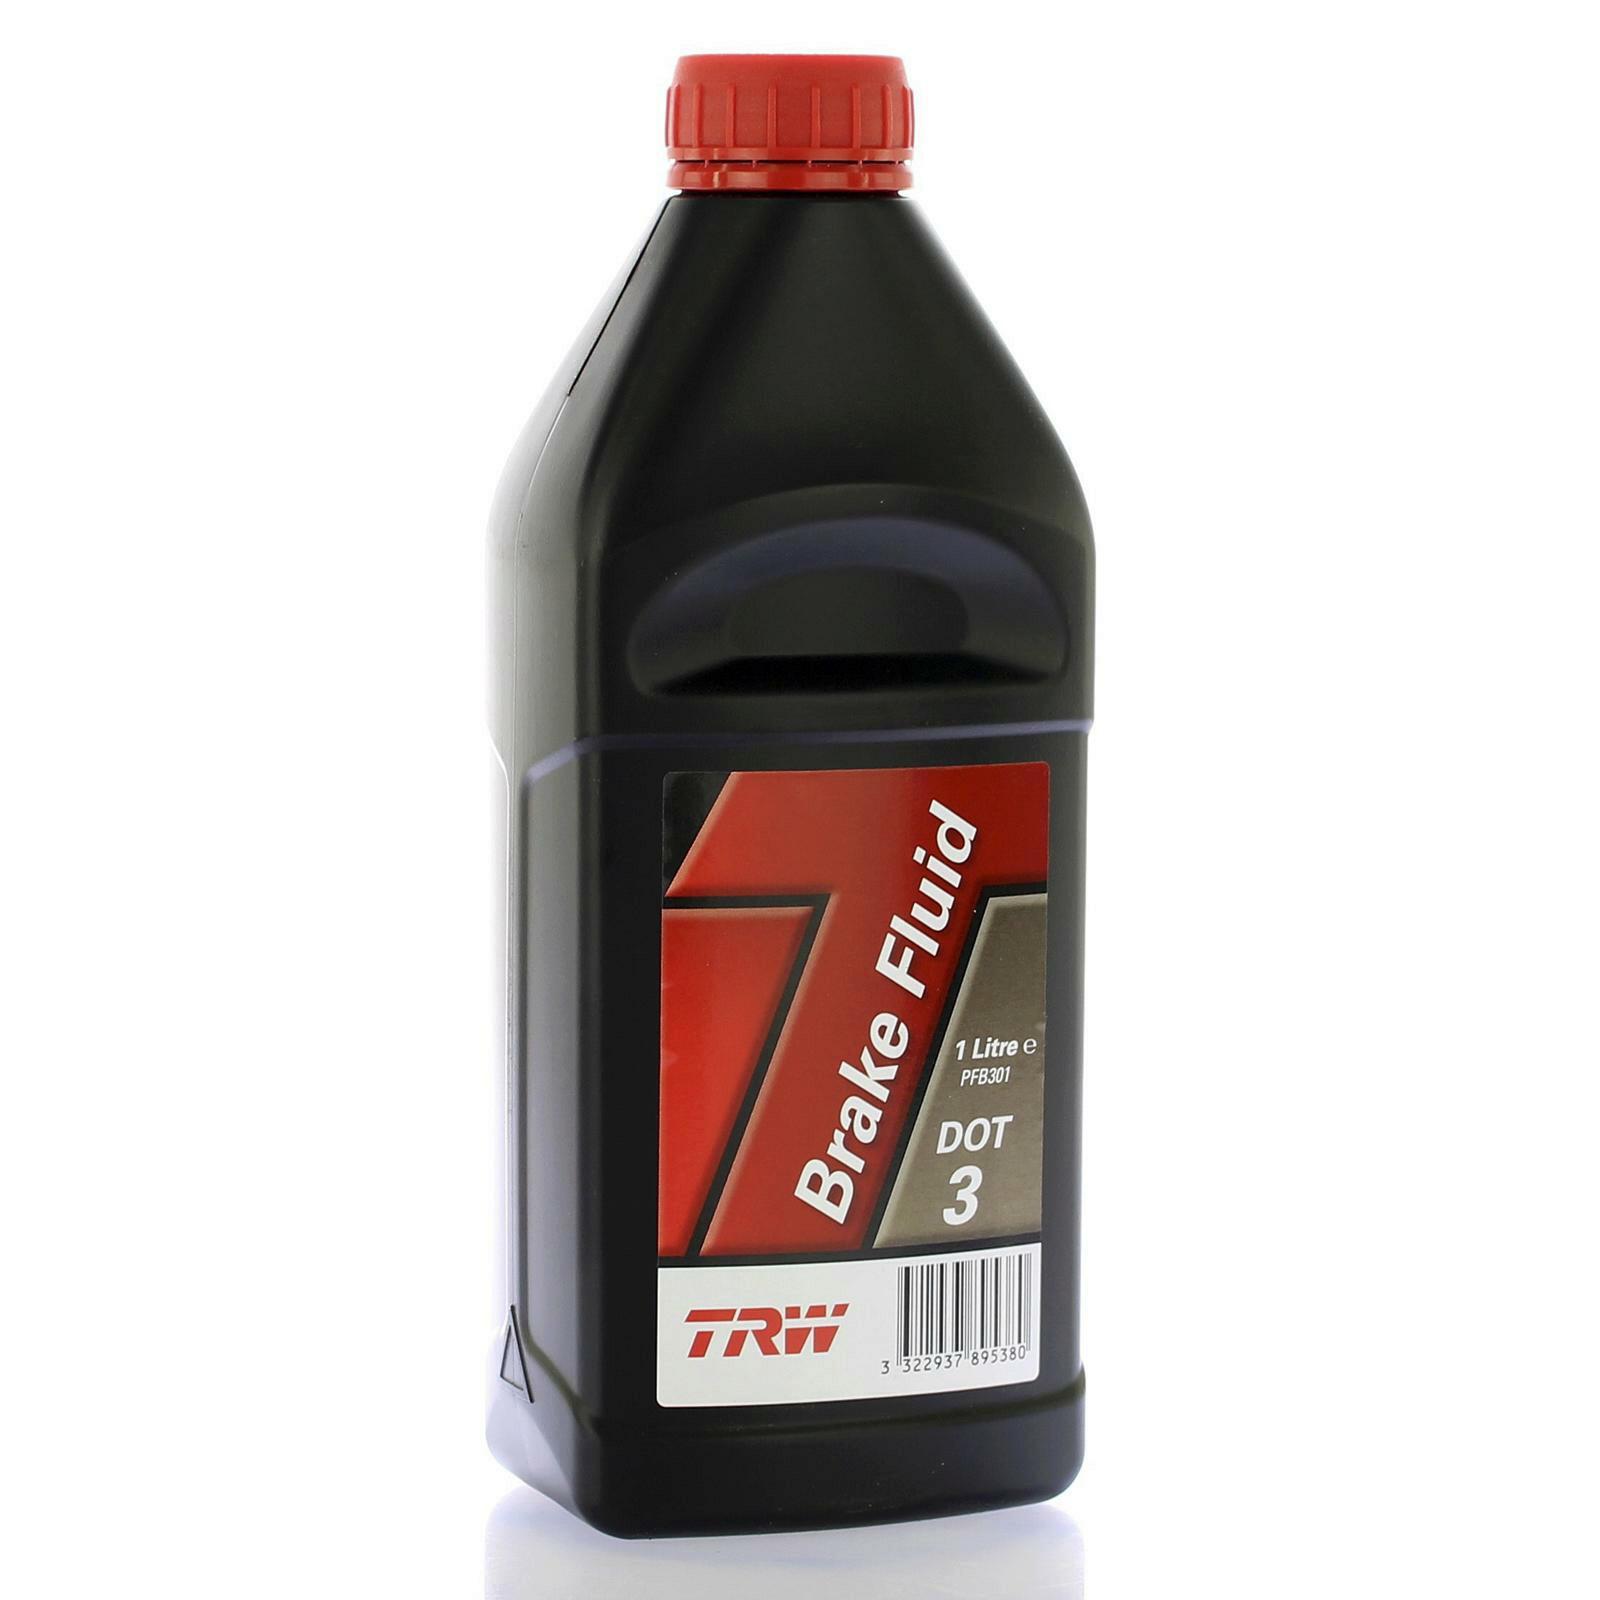 TRW Bremsflüssigkeit 1L DOT 3